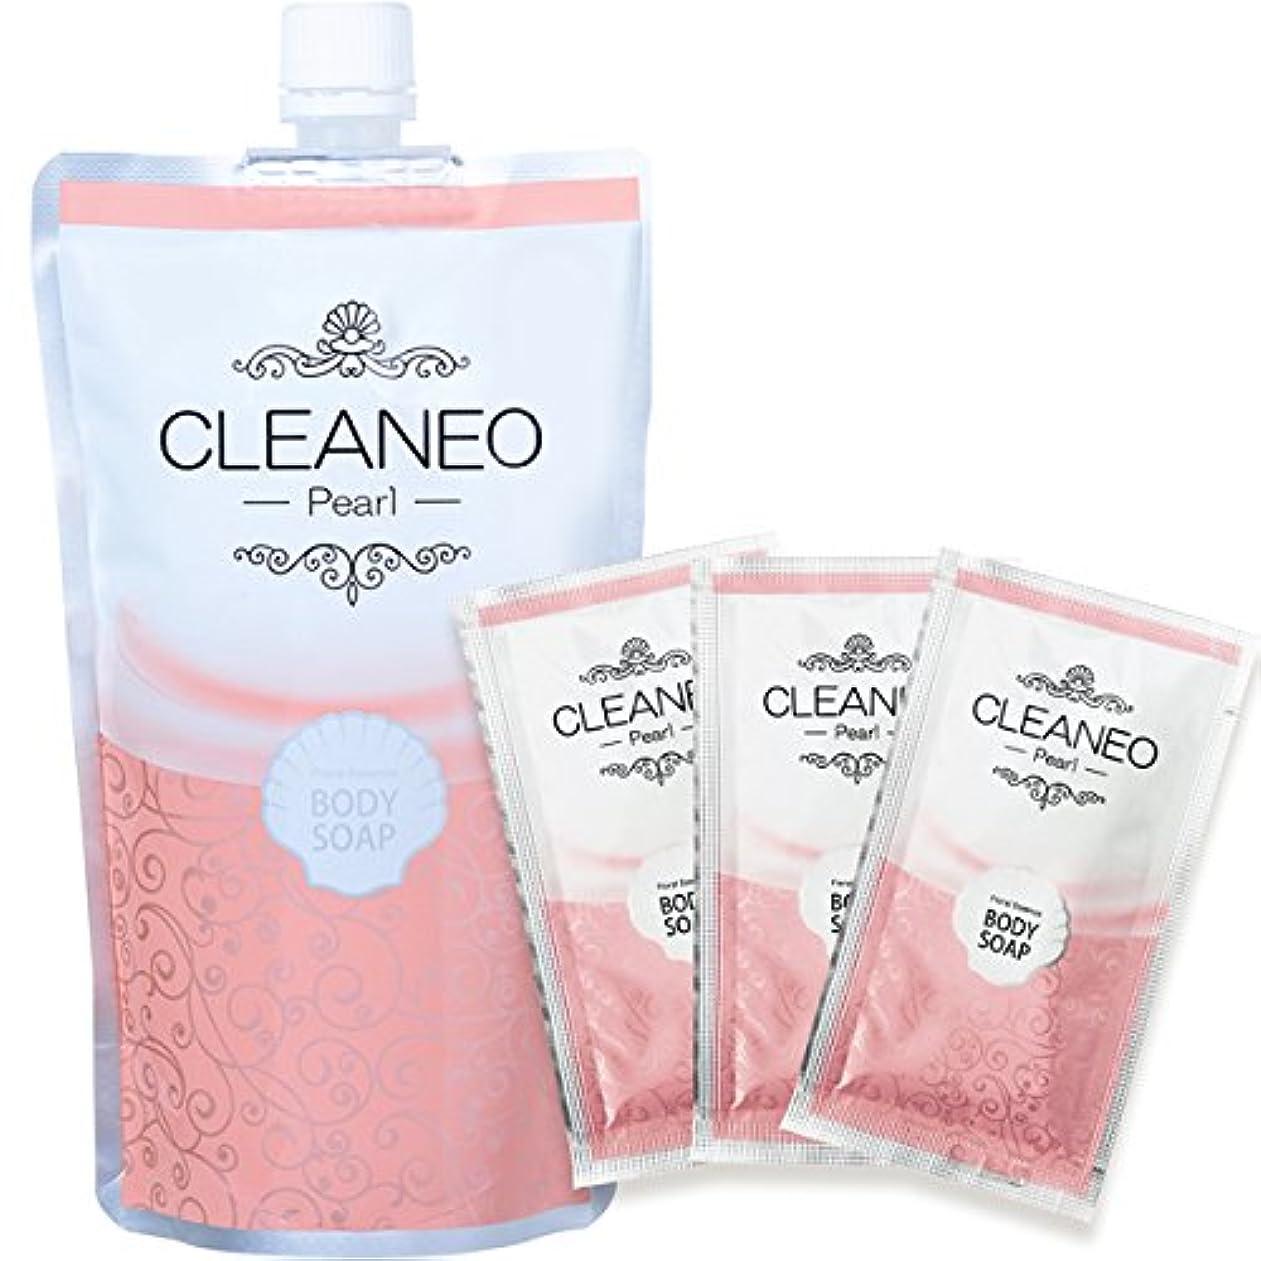 毛布構成員路面電車クリアネオ公式(CLEANEO) パール オーガニックボディソープ?透明感のある美肌へ 詰替300ml + パールパウチセット